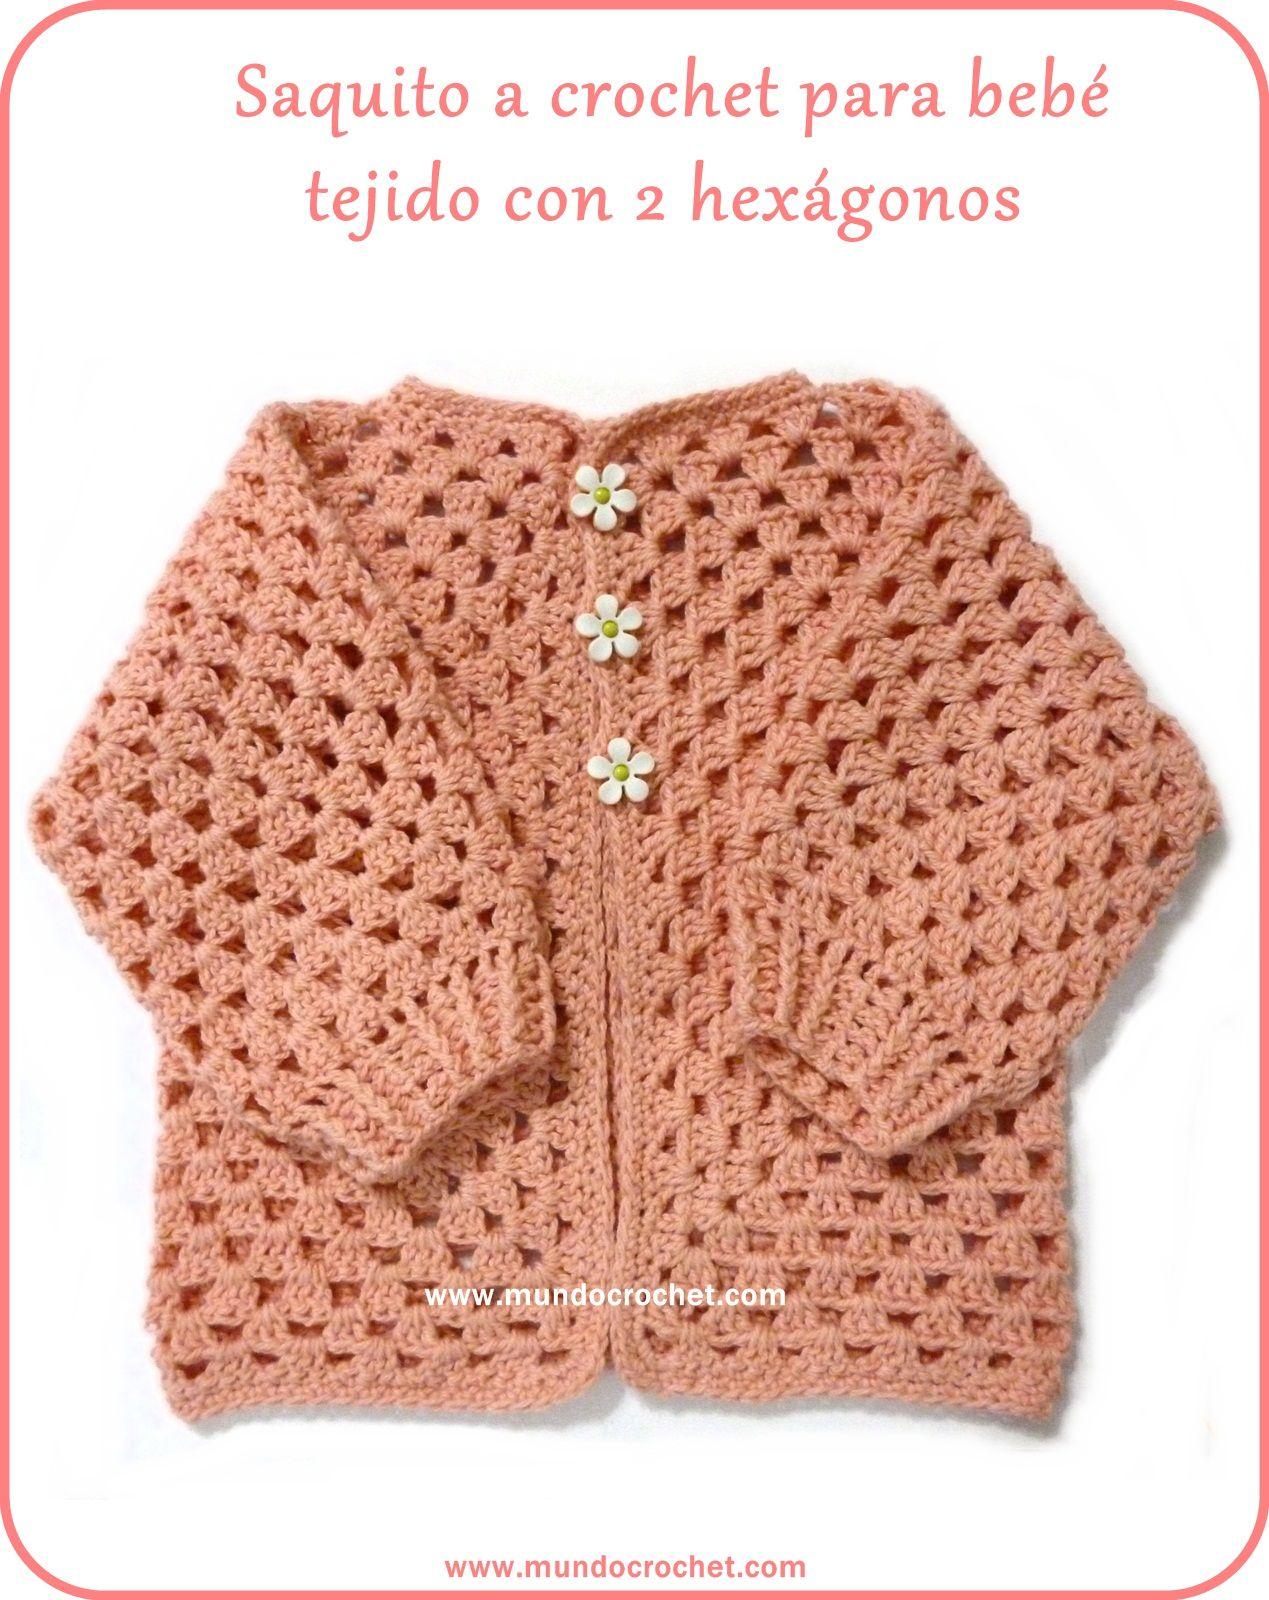 Saquito a crochet para bebé tejido con 2 hexágonos: Patrón y Paso ...